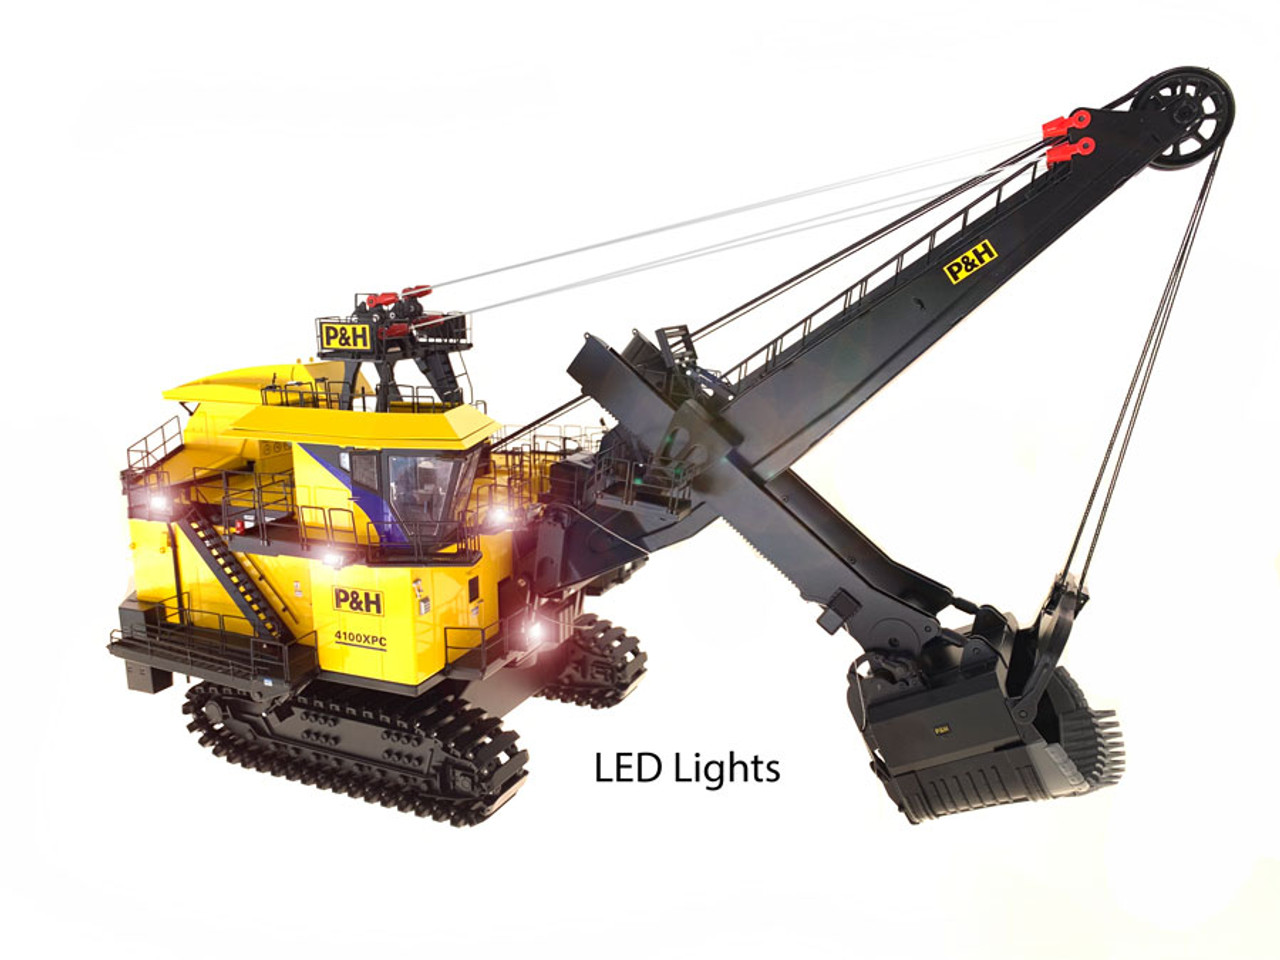 P&H 4100XPC - 1:50 scale